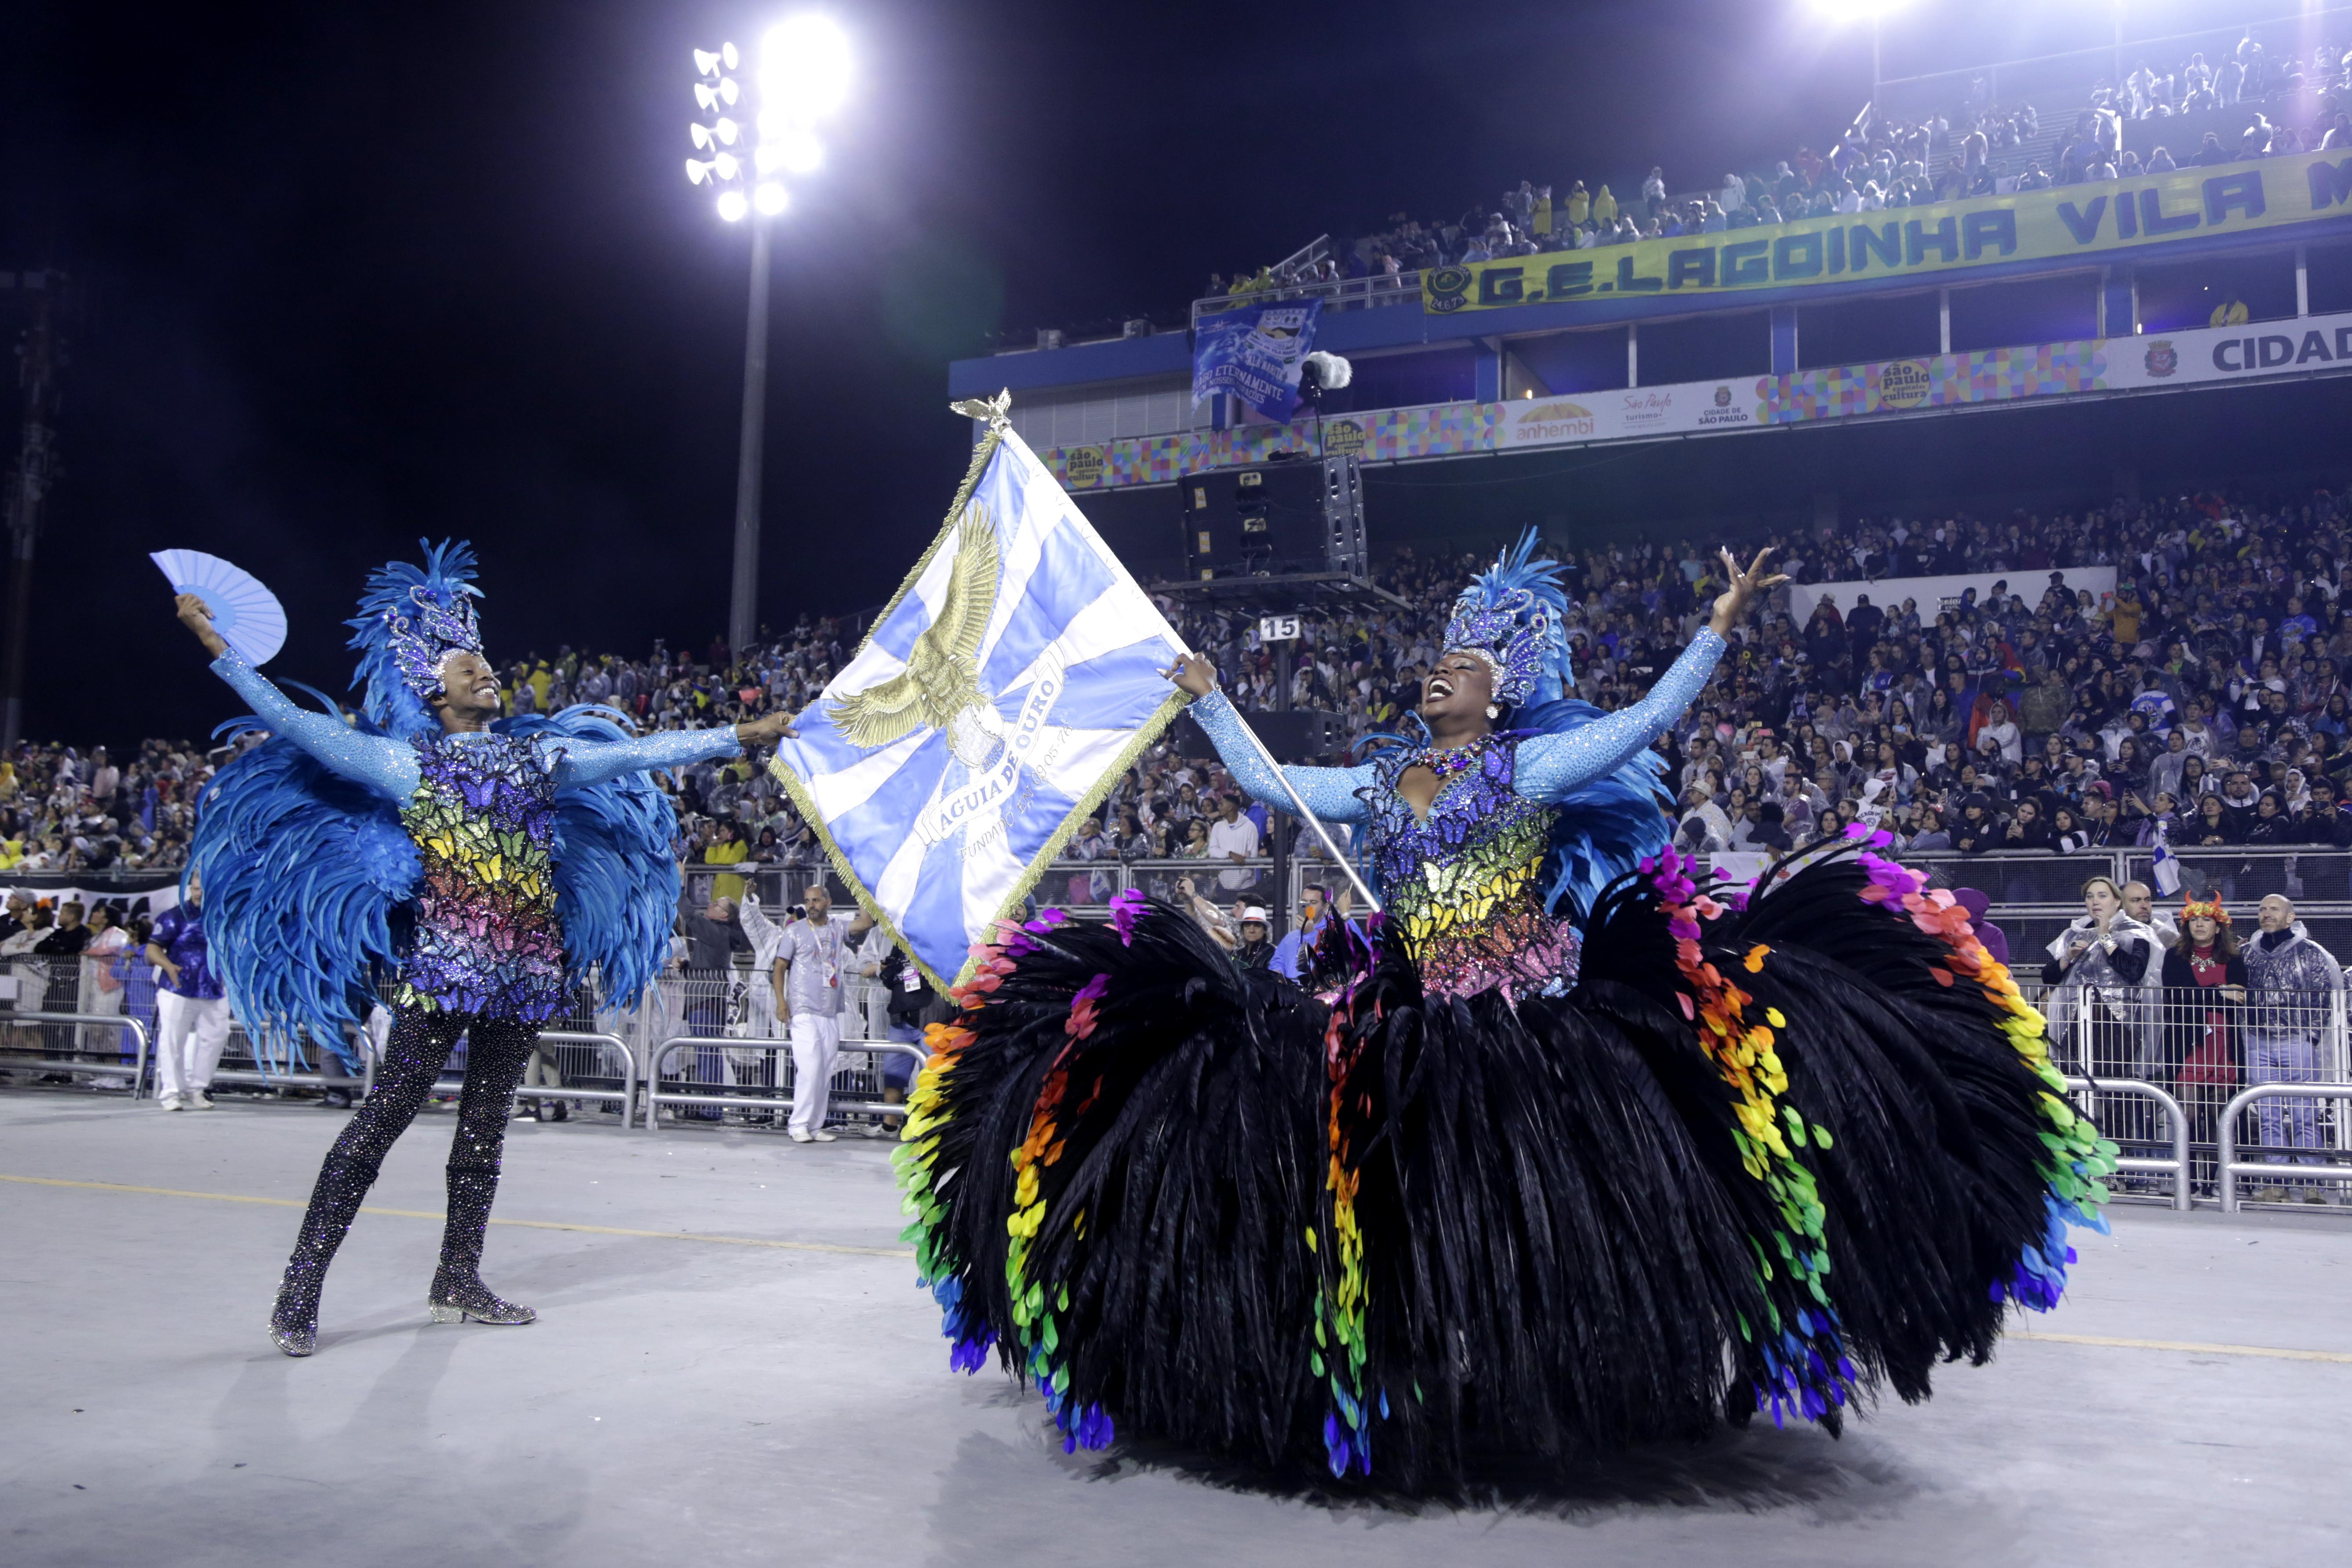 Desfile da Águia de Ouro, campeã do Carnaval de SP 2020. Foto: Jose Cordeiro/ SPTuris.